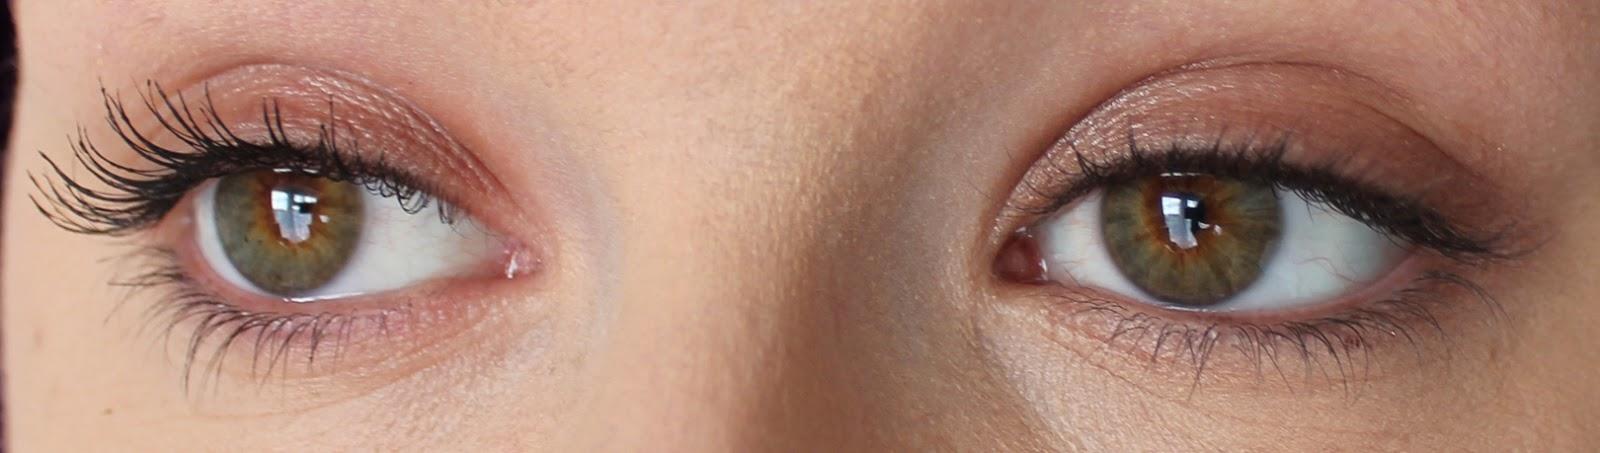 Smashbox full exposure mascara beauty blog